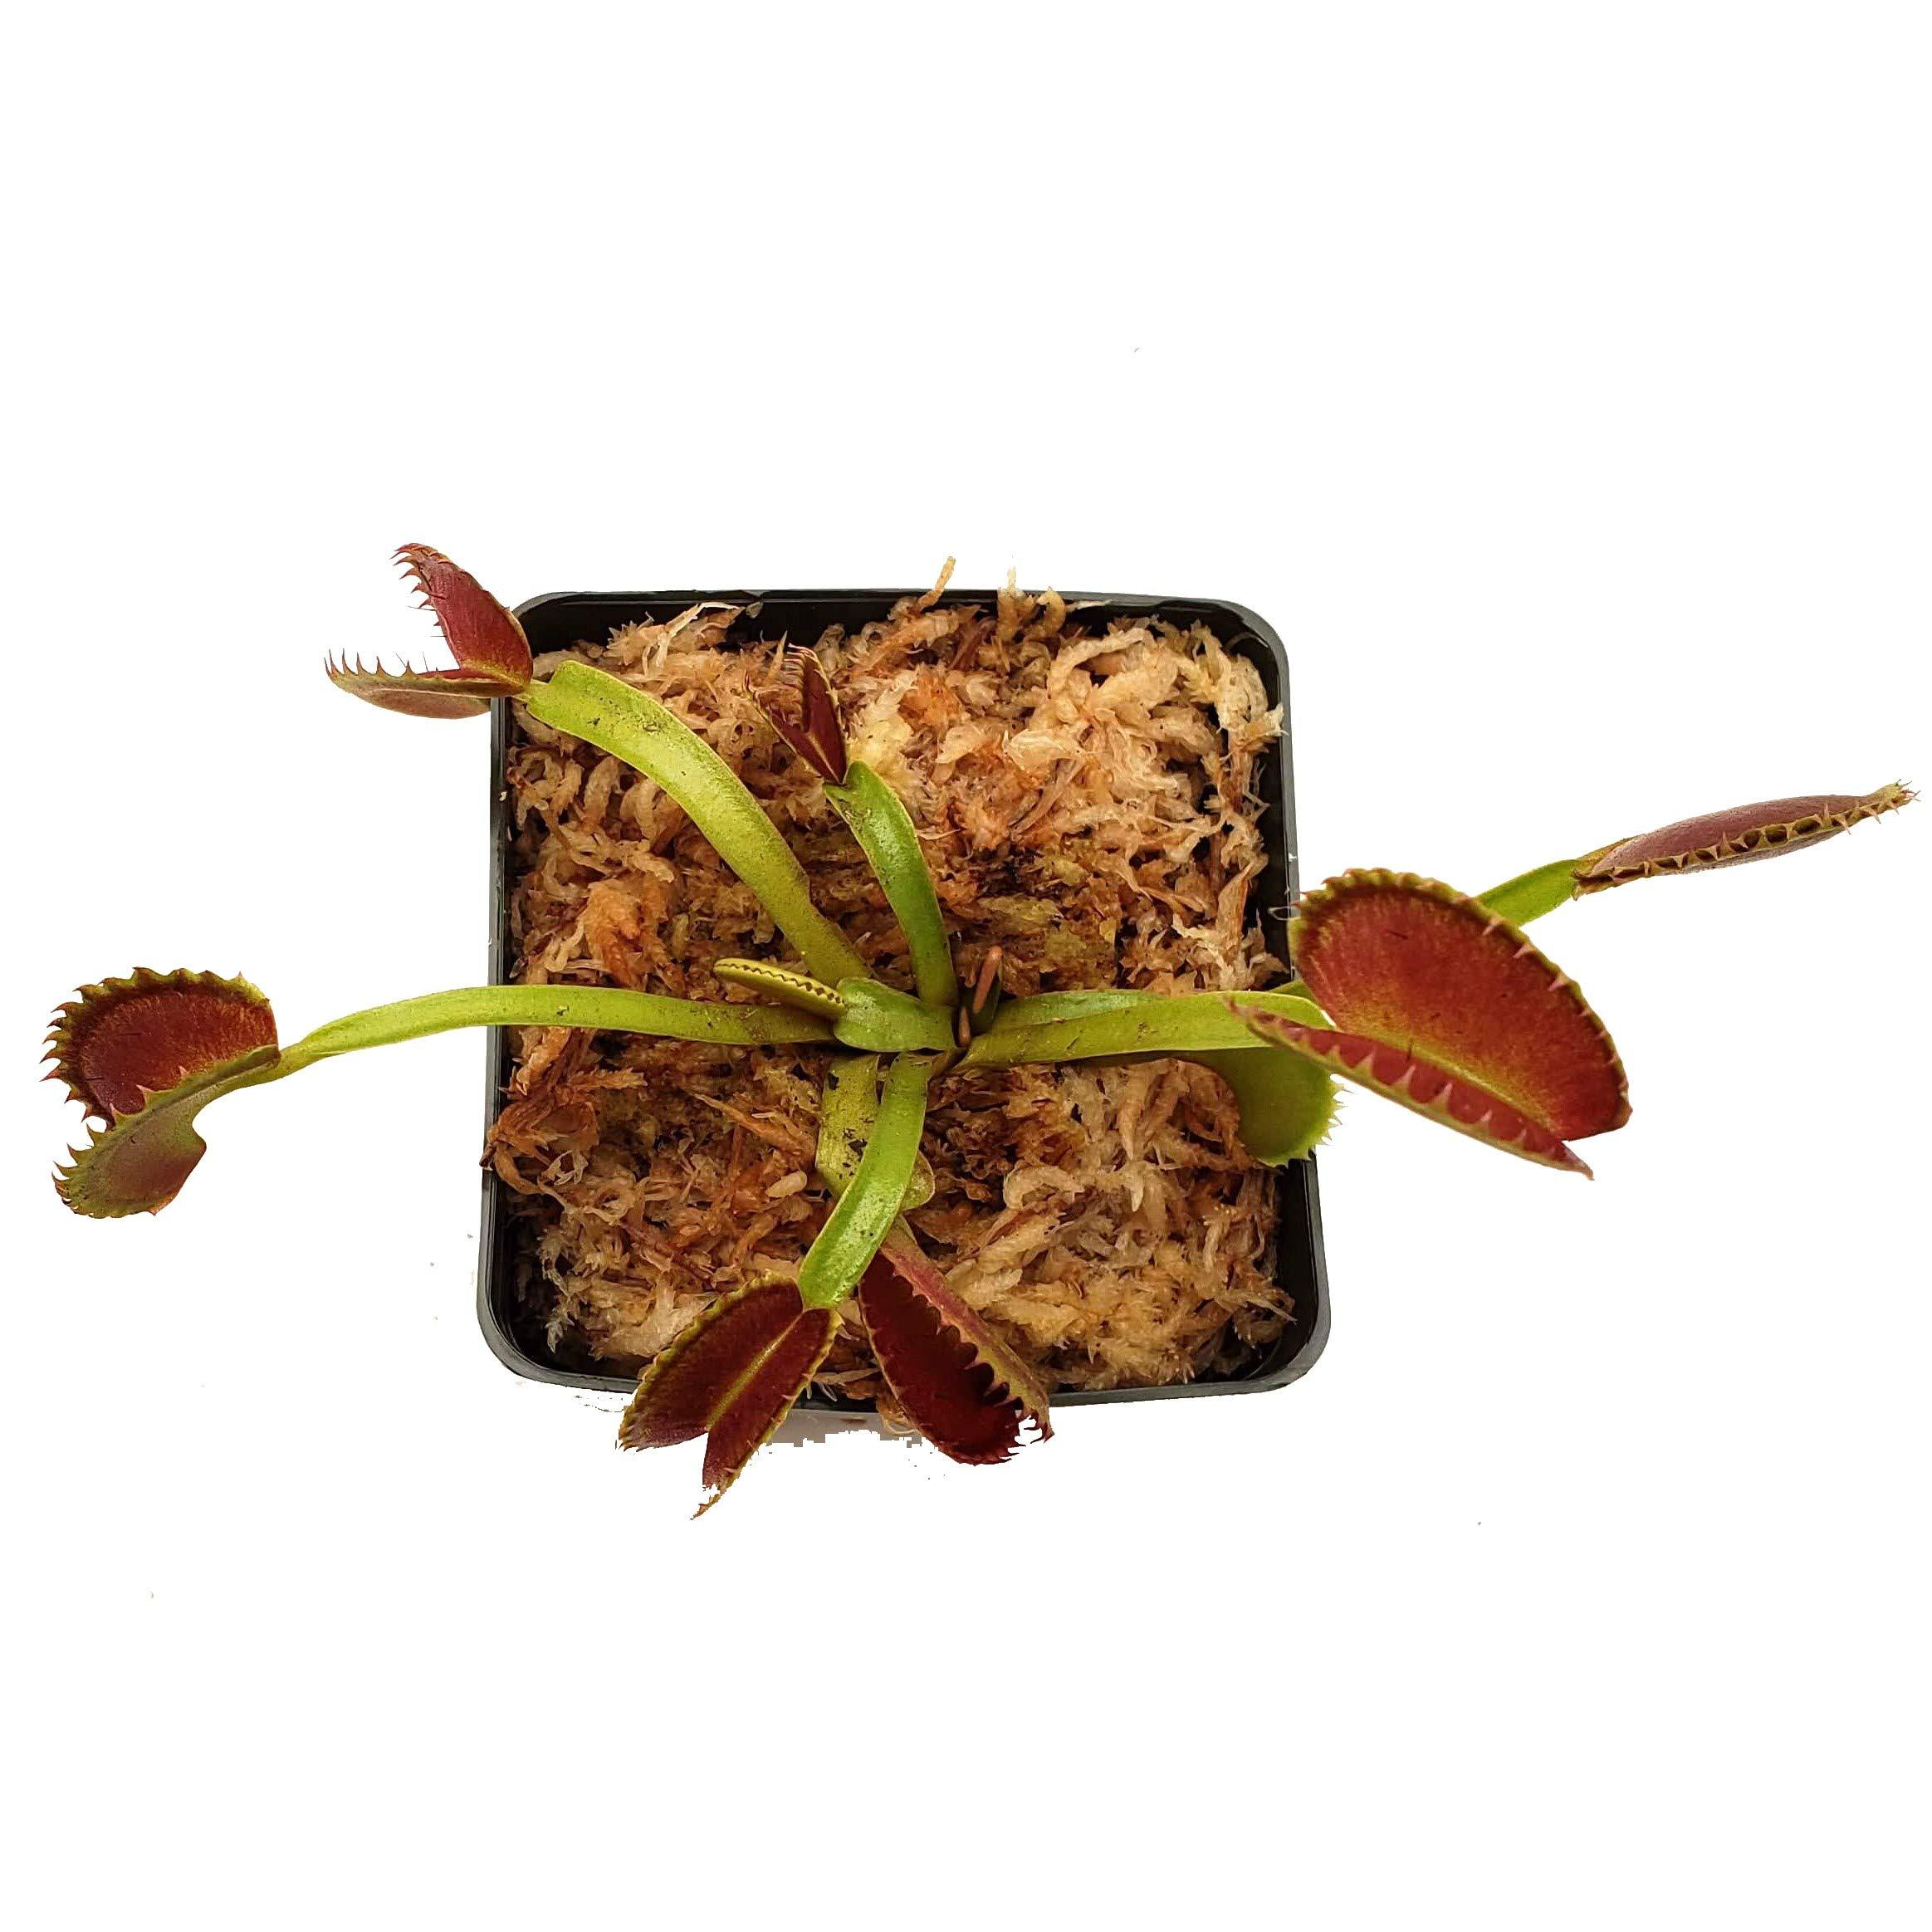 Venus Flytrap 'Dente' Carnivorous Plant, Dionaea muscipula, Live Arrival, Adult Plant, 3'' Pot - Predatory Plants by Predatory Plants (Image #2)